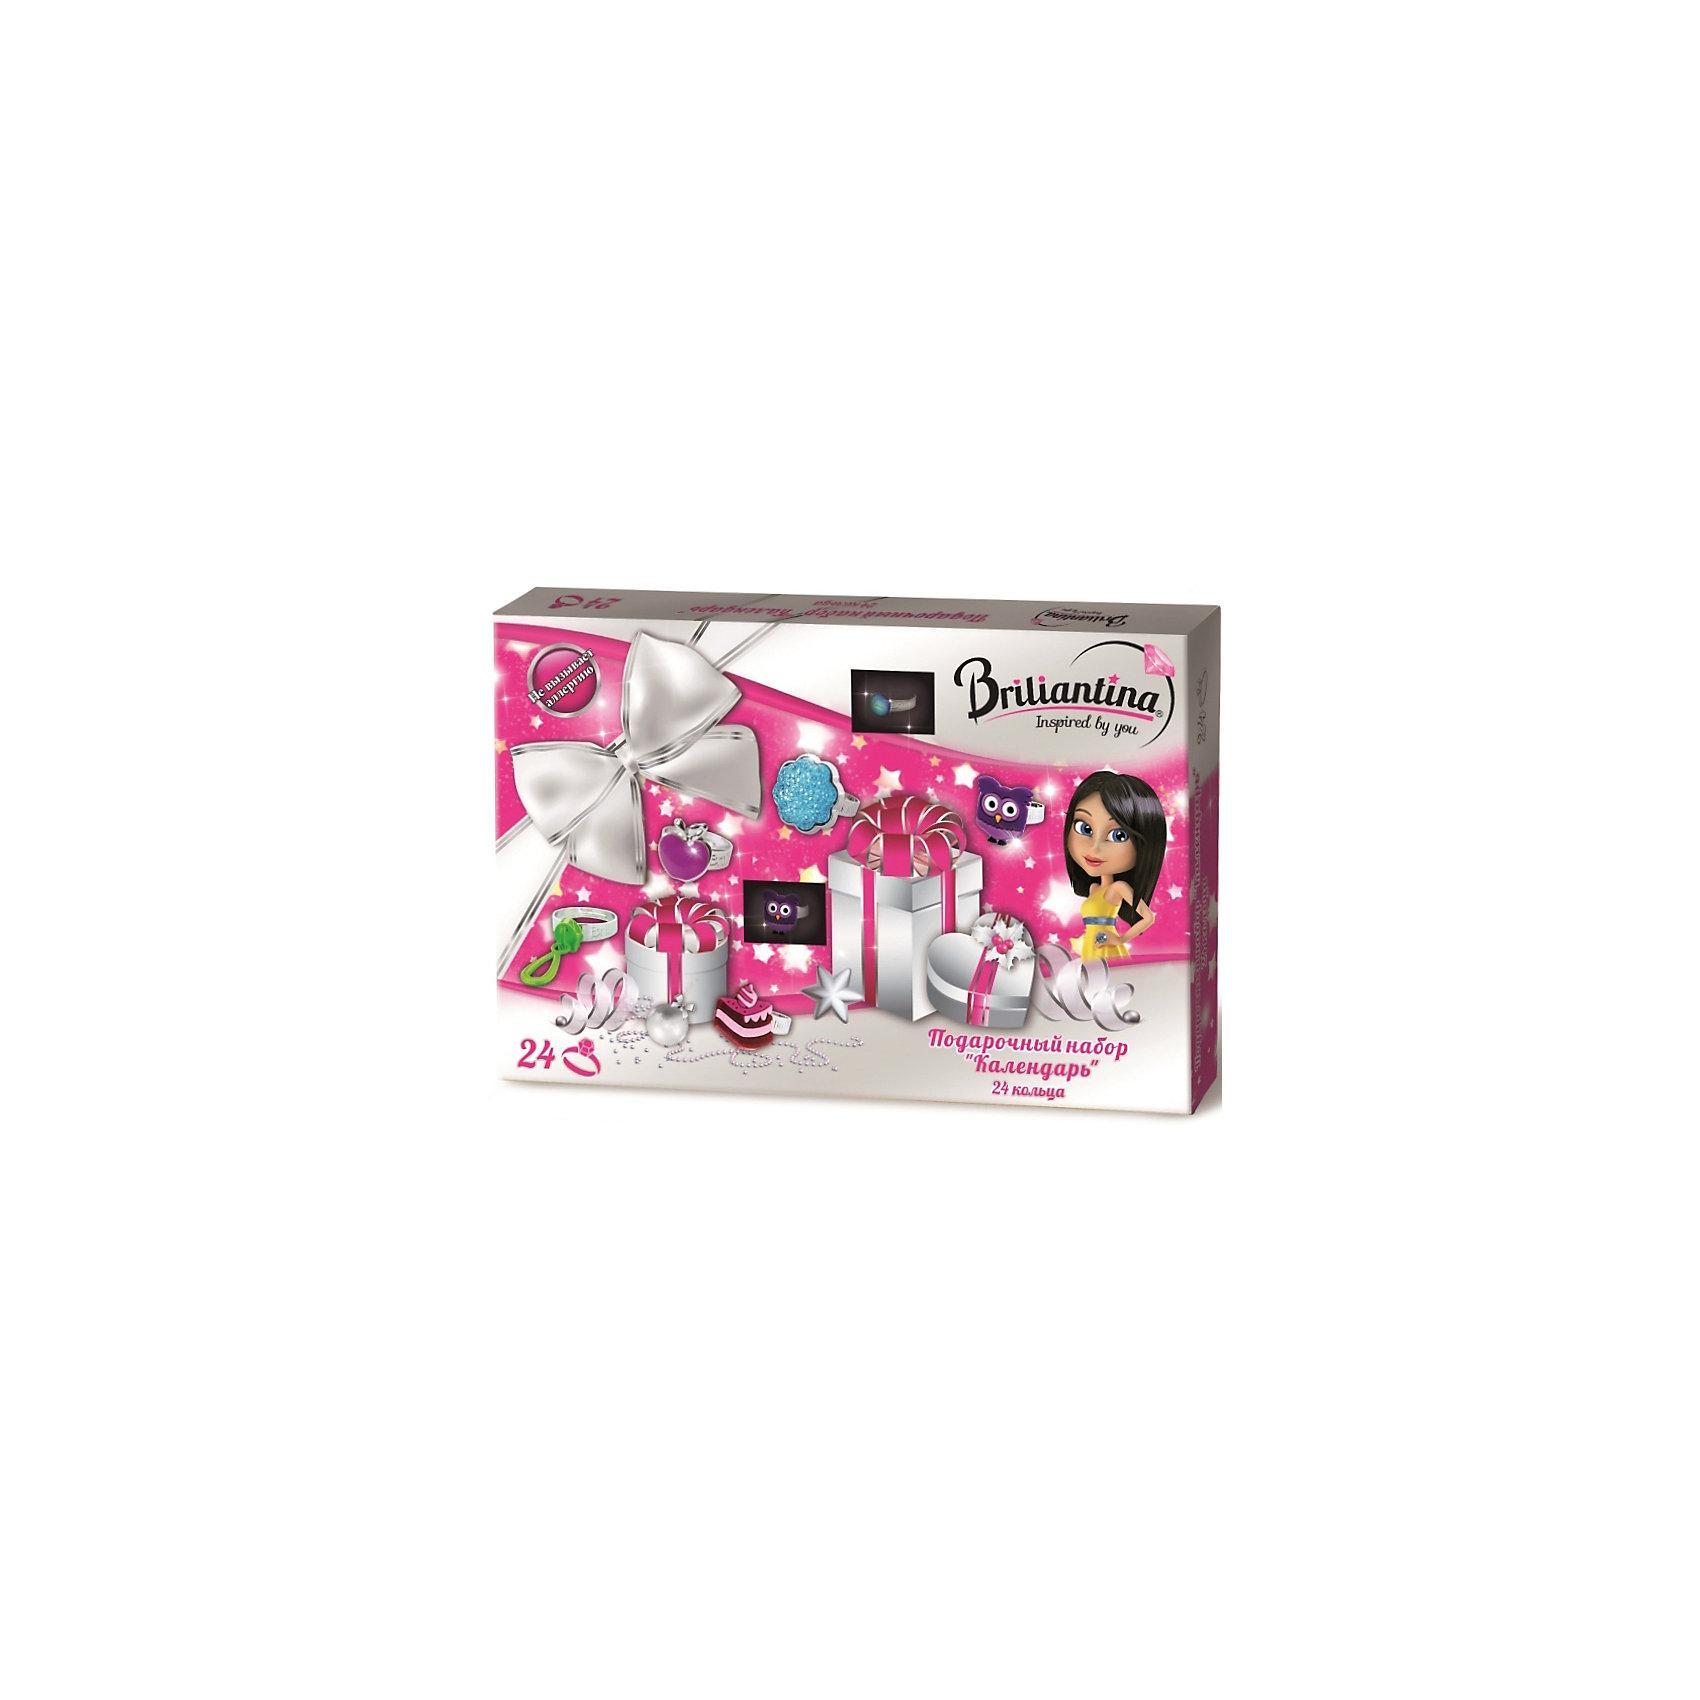 Подарочный набор Календарь - кольца, BriliantinaХарактеристики:<br><br>• Вид игрушек: детская бижутерия<br>• Пол: для девочки<br>• Материал: металл, пластик<br>• Цвет: серебристый, розовый, бирюзовый<br>• Размер кольца: универсальный<br>• Комплектация: 24 кольца<br>• Размер упаковки(Д*Ш*В): 35*3*24 см<br>• Вес: 282 г<br>• Упаковка: картонная коробка <br>• Допускается сухая и влажная чистка<br><br>Подарочный набор Календарь - кольца, Briliantina из коллекции детской бижутерии, которая создается в рамках творческого проекта совместно с детьми. Торговый бренд принадлежит чешскому производителю Briliantina. Корпус украшений изготавливается из сплава хрома и никеля, который не вызывает аллергии, не окисляется, обладает легким весом, при этом достаточно прочный. В качестве декоративных элементов используются стразы, кристаллы, которые надежно закреплены в изделии. Диаметр колец от Briliantina регулируется. <br><br>Набор состоит из 24 отличающихся по стилю, цвету и форме колец. . Использование детской бижутерии научит правильно подбирать украшения в зависимости от выбранного образа, сочетать их между собой, что будет способствовать формированию индивидуального стиля вашей девочки.<br><br>Подарочный набор Календарь - кольца, Briliantina станет идеальным подарком для девочки к любому празднику.<br><br>Подарочный набор Календарь - кольца, Briliantina можно купить в нашем интернет-магазине.<br><br>Ширина мм: 350<br>Глубина мм: 30<br>Высота мм: 240<br>Вес г: 282<br>Возраст от месяцев: 36<br>Возраст до месяцев: 84<br>Пол: Женский<br>Возраст: Детский<br>SKU: 5418933